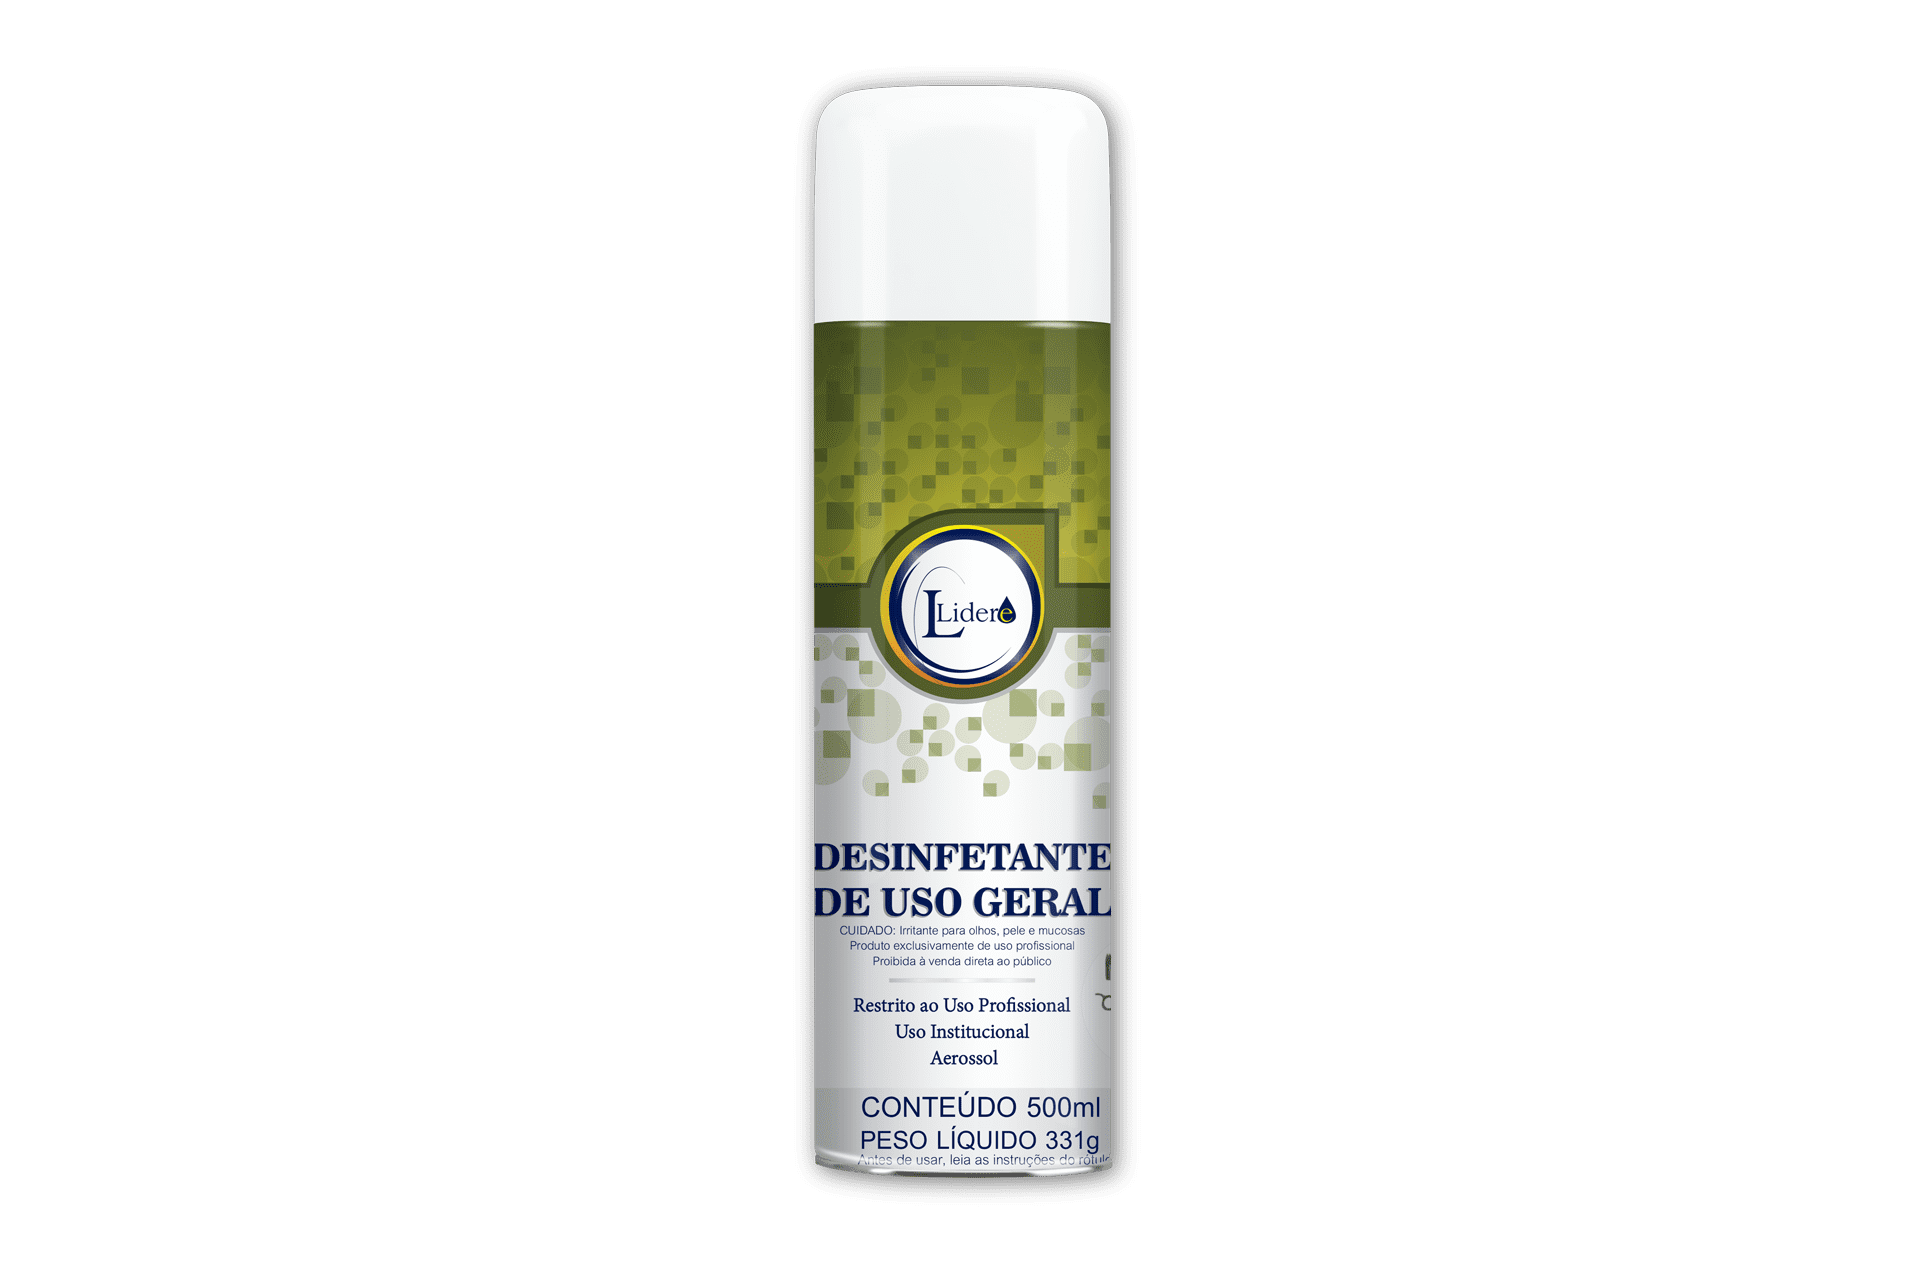 Foto do produto LLidere Desinfetante de Uso Geral 500 ml para visualização